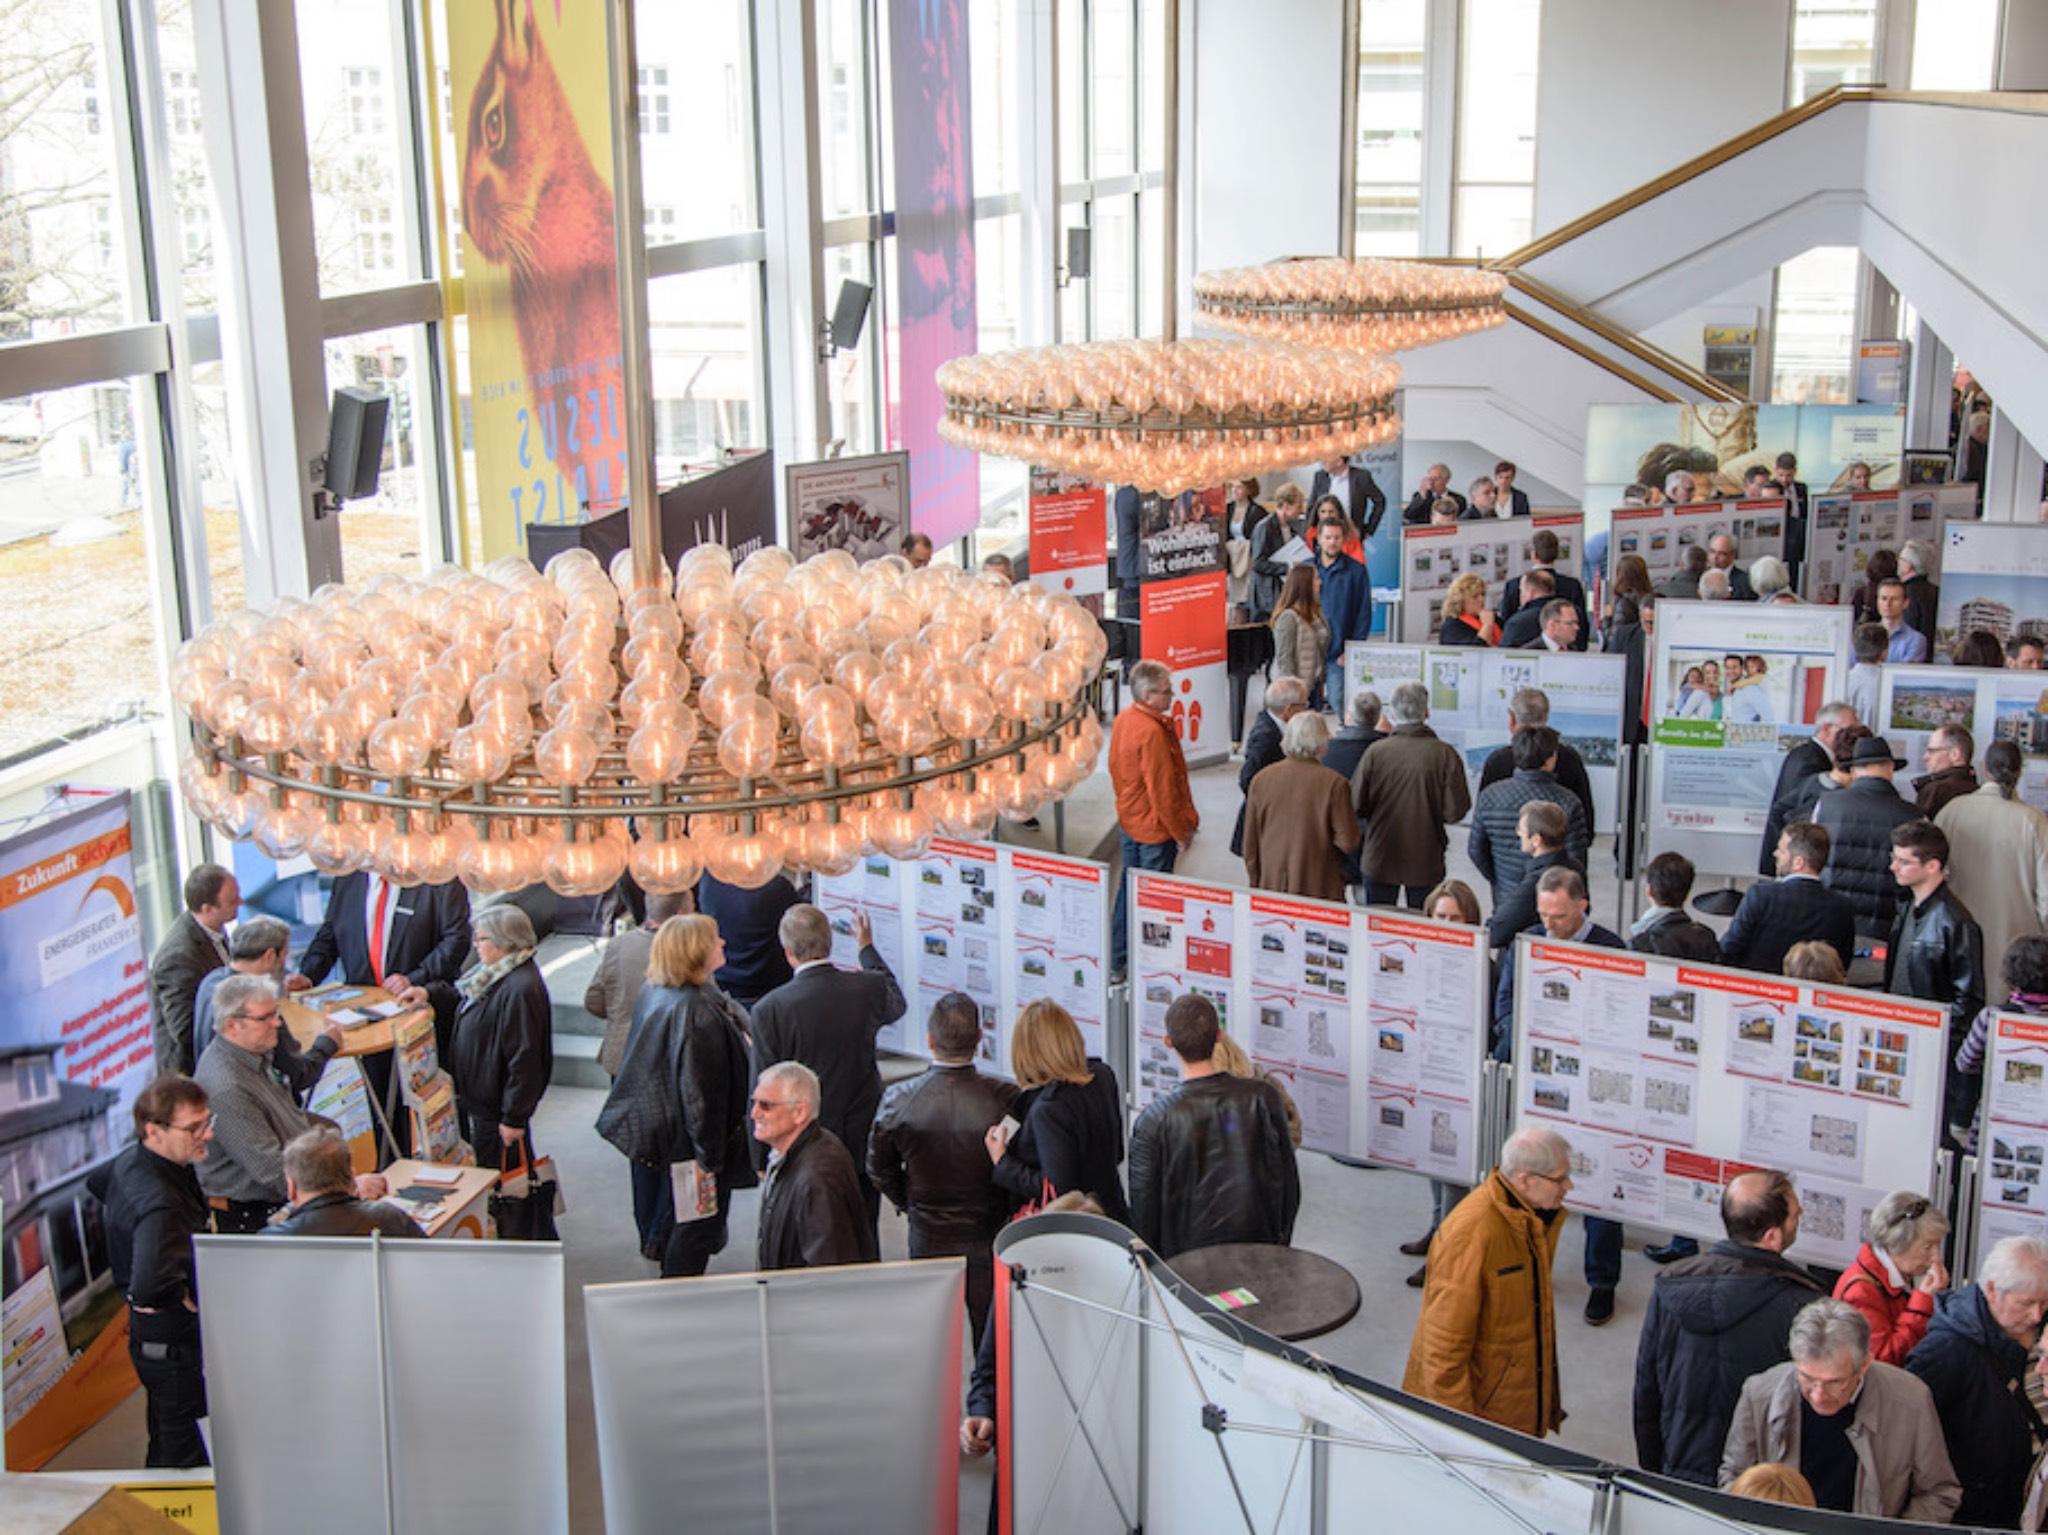 Besucher des Immobilien-Marktplatzes im Mainfranken Theater. Foto: Sparkasse Mainfranken Würzburg